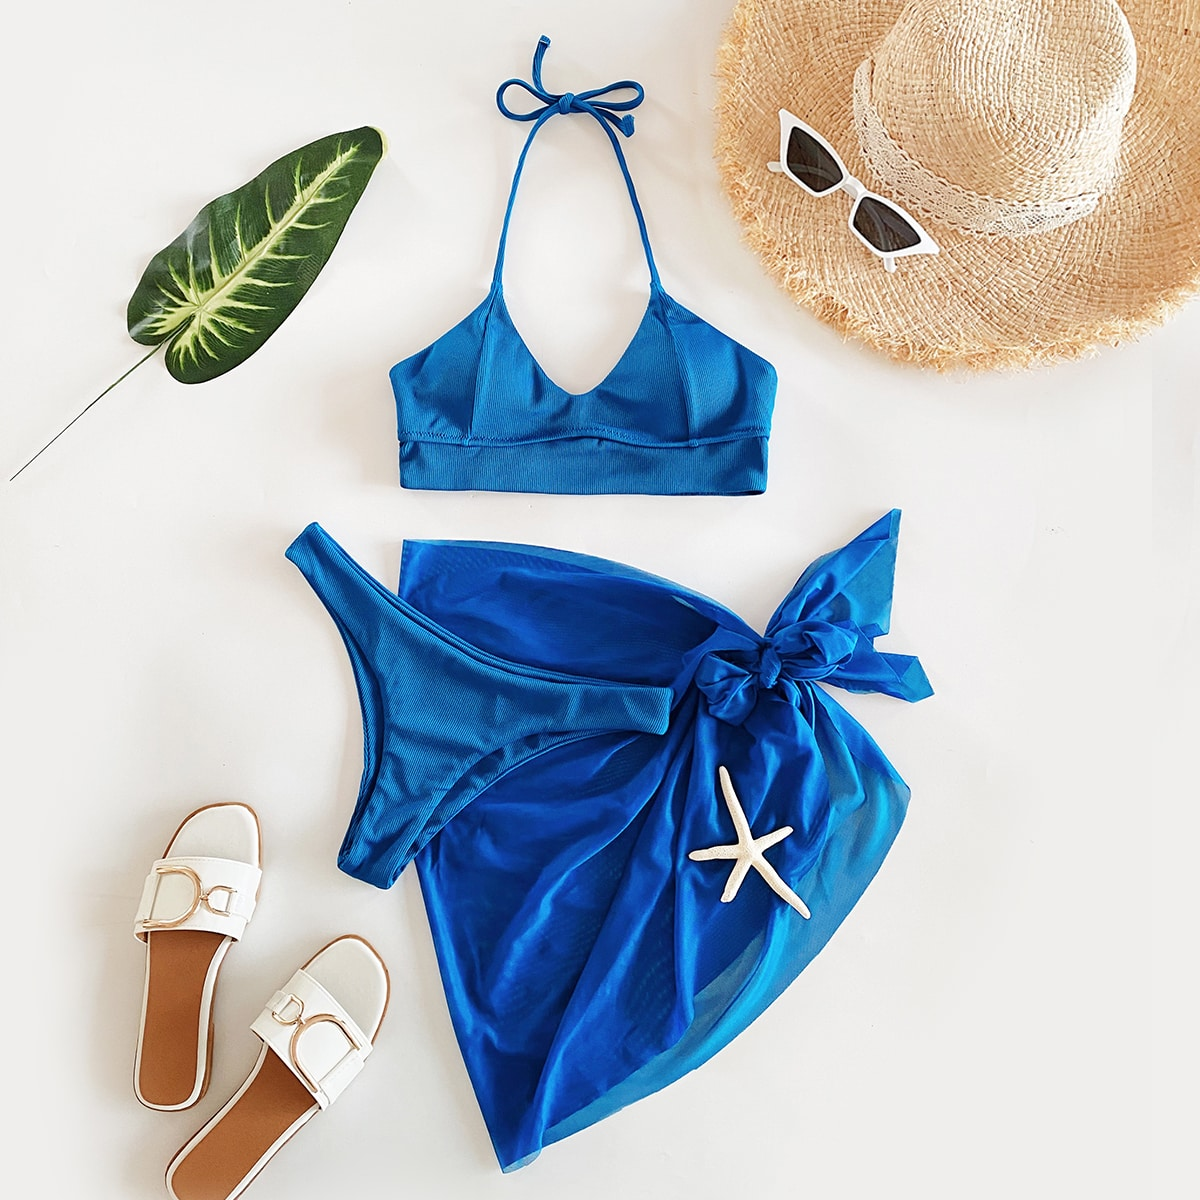 SHEIN / 3pack Rib Bikini Swimsuit & Mesh Beach Skirt